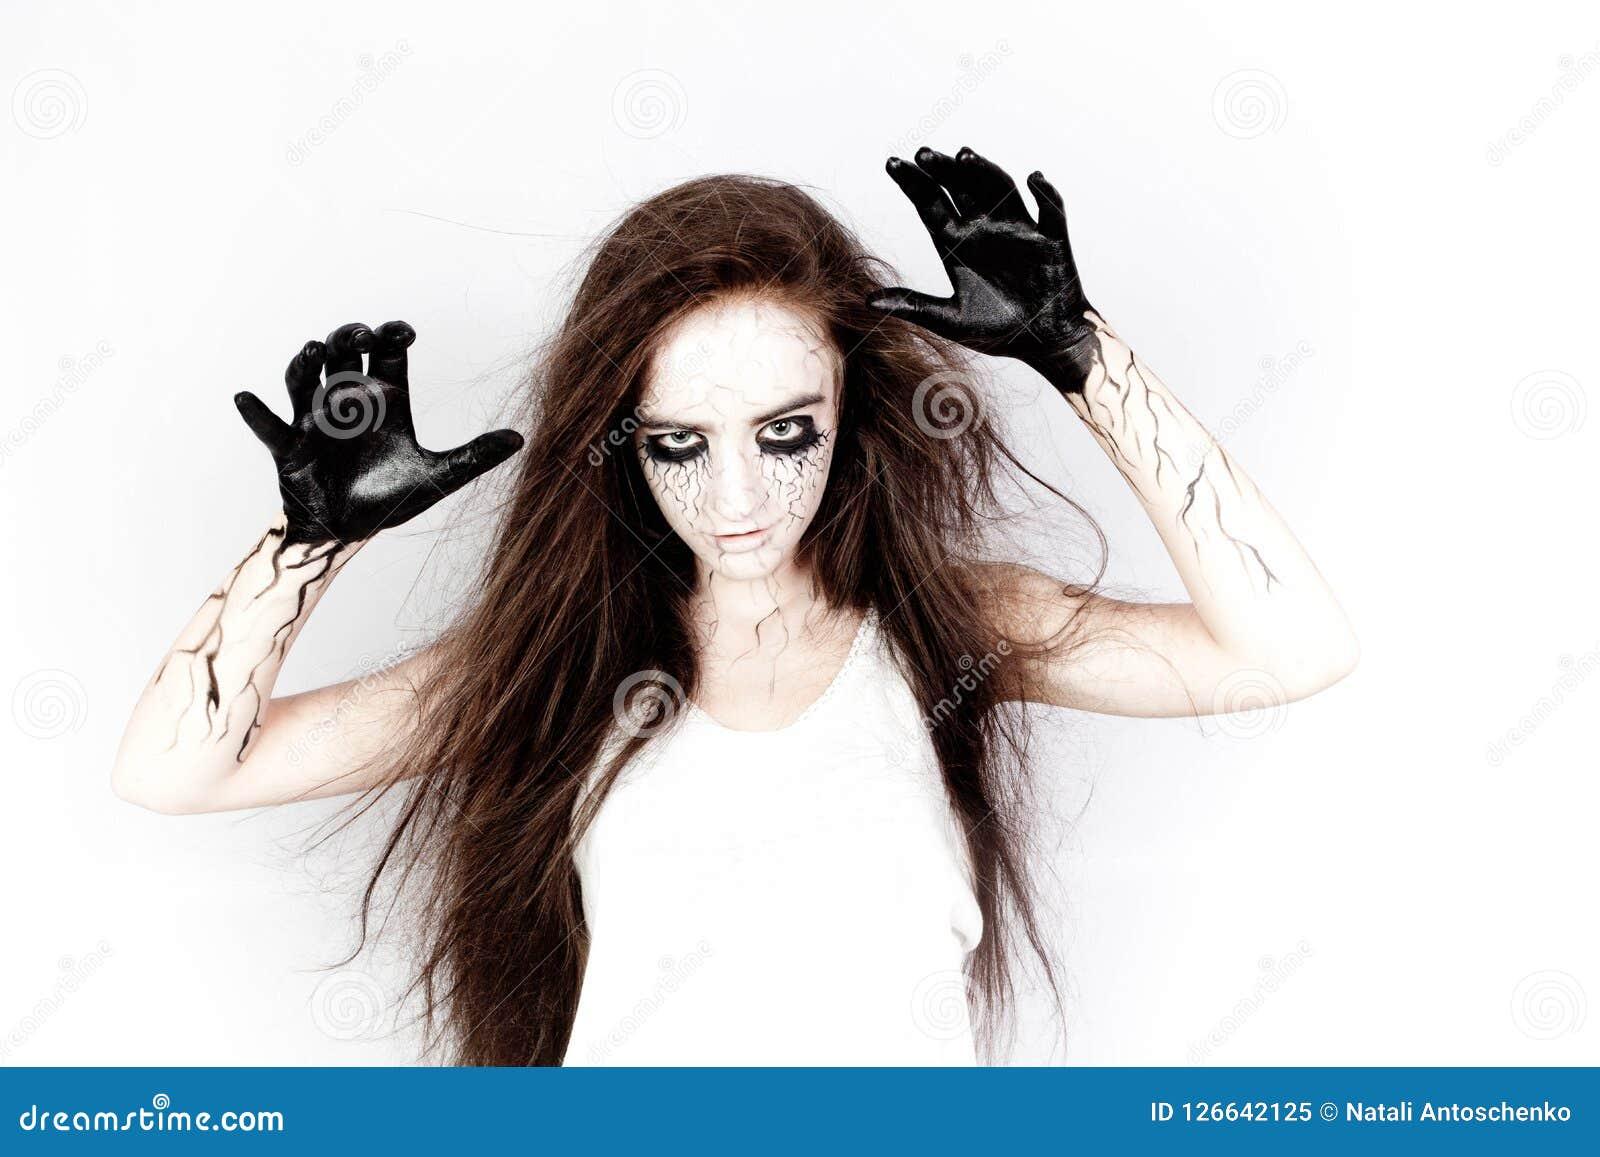 Από τα πνεύματα, ένα κορίτσι με τους μώλωπες κάτω από τα μάτια και τις μαύρες φλέβες της δημιουργεί τα χέρια της έννοια αποκριών